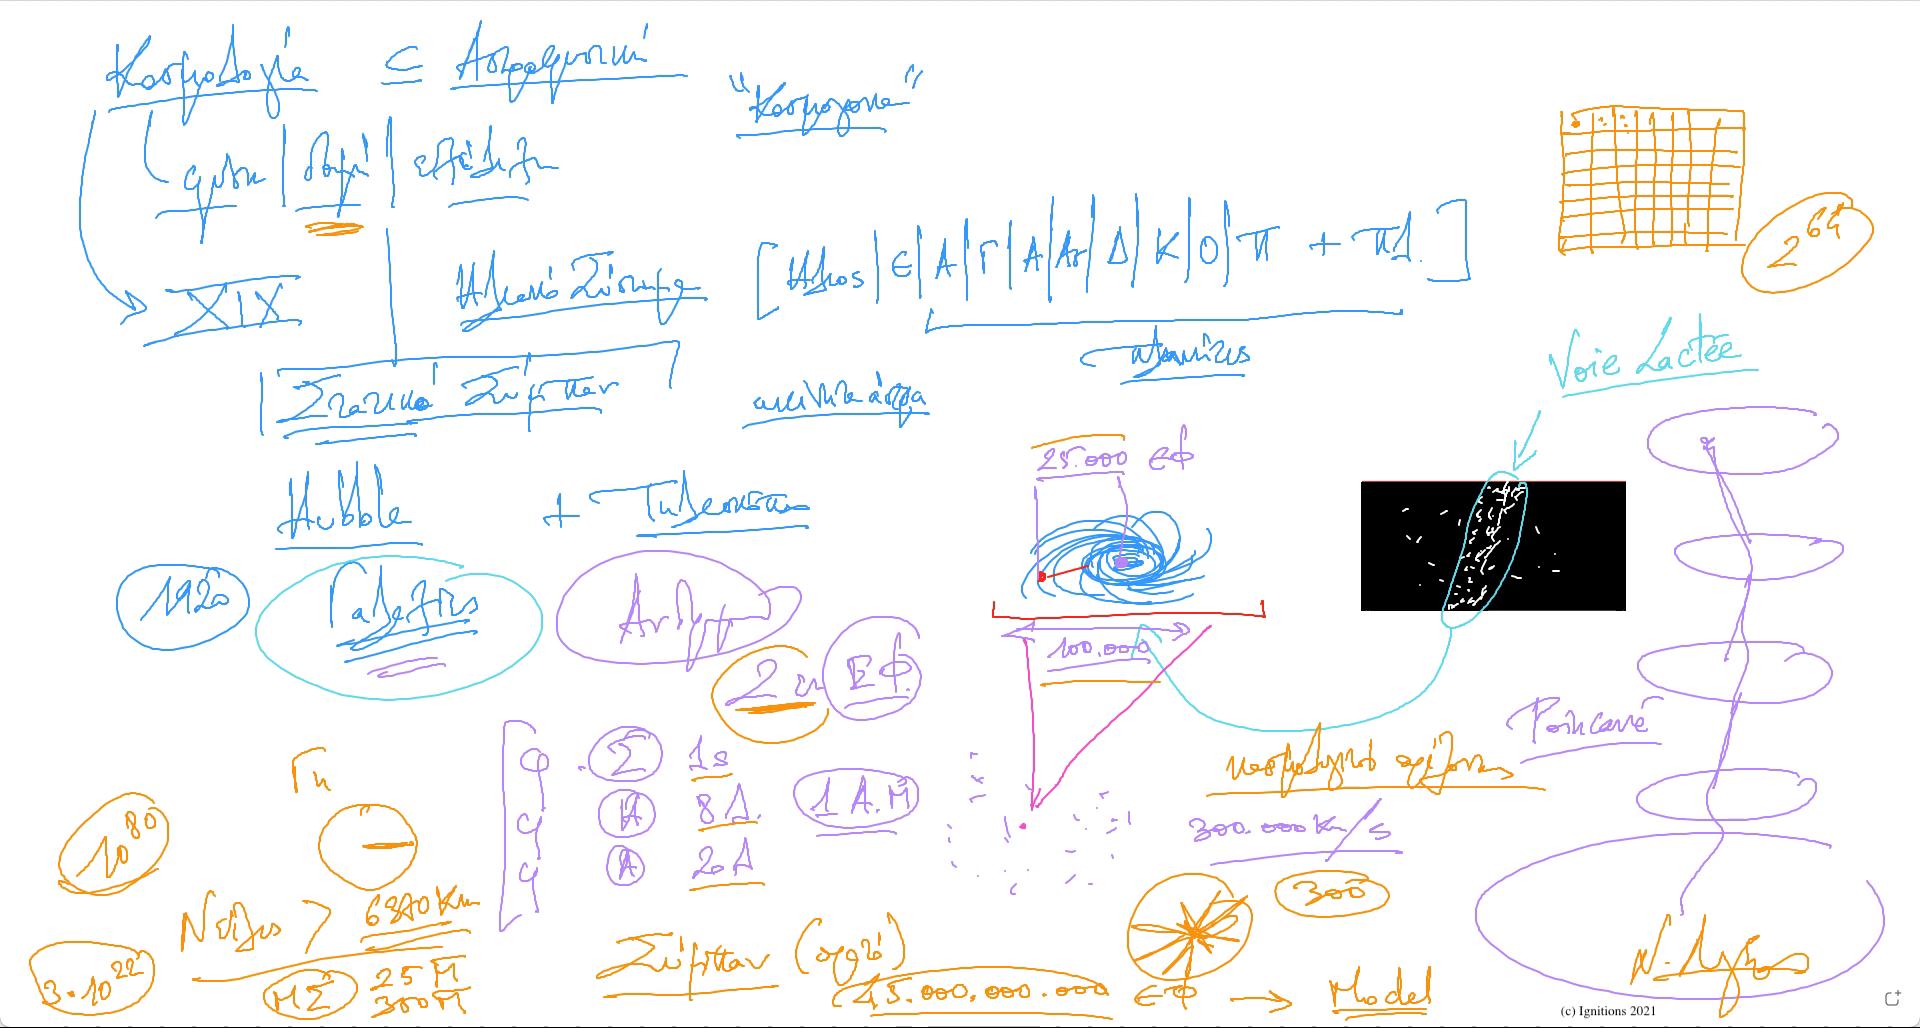 60151 - e-Μάθημα I: Εισαγωγή στην Κοσμολογία. (Dessin)